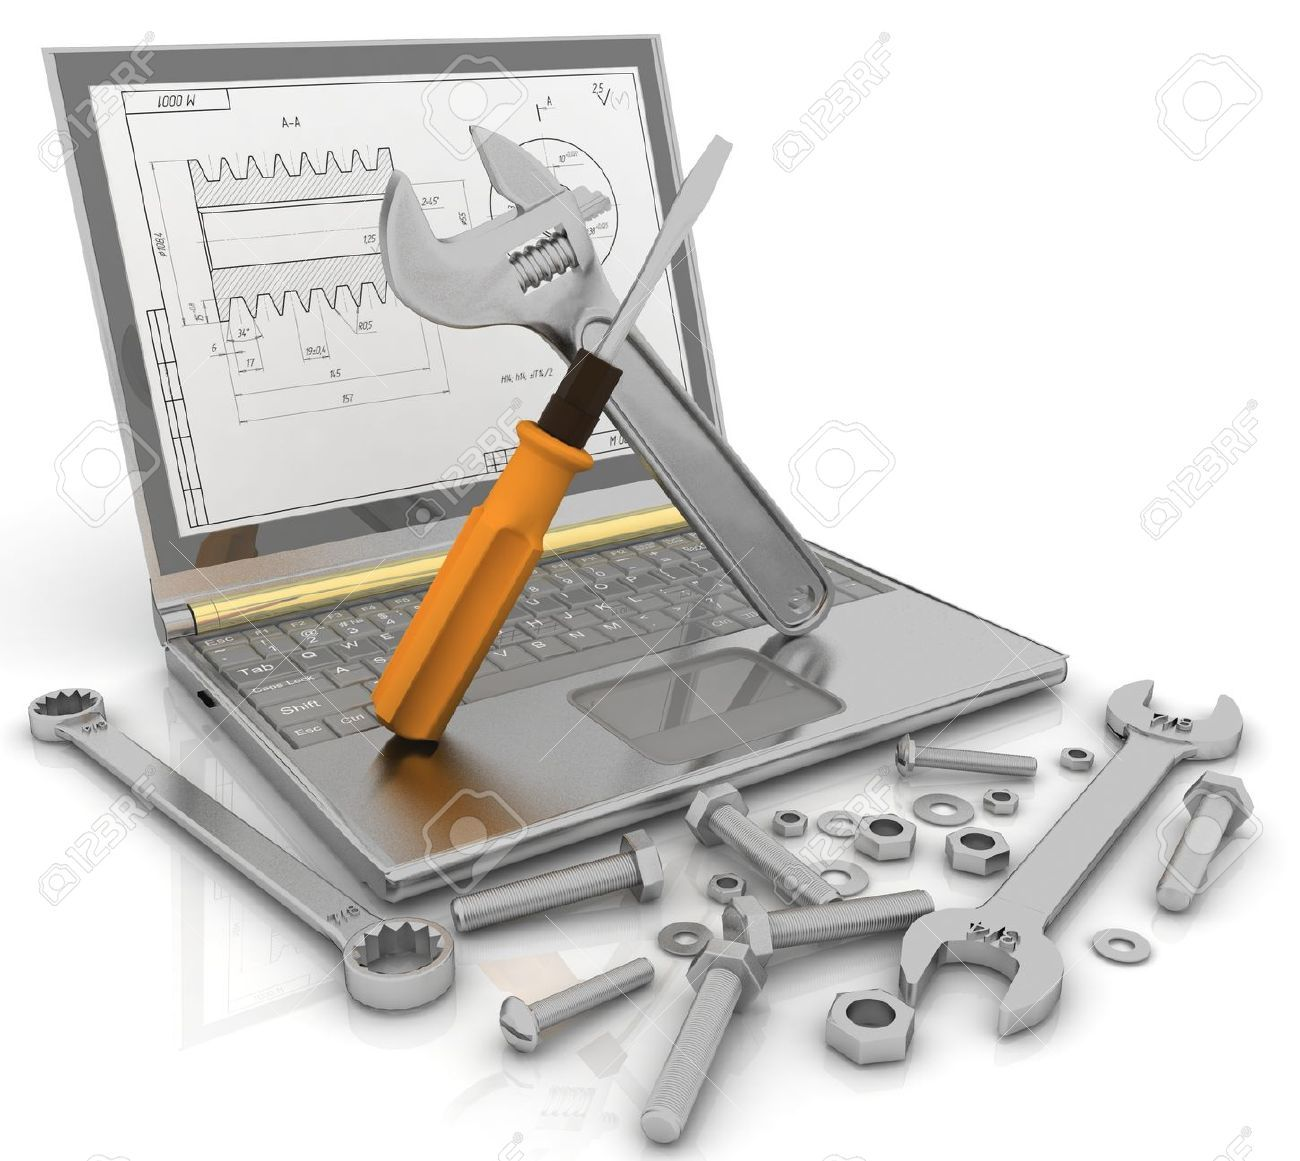 Ilustraciones vectoriales de técnico de computadores